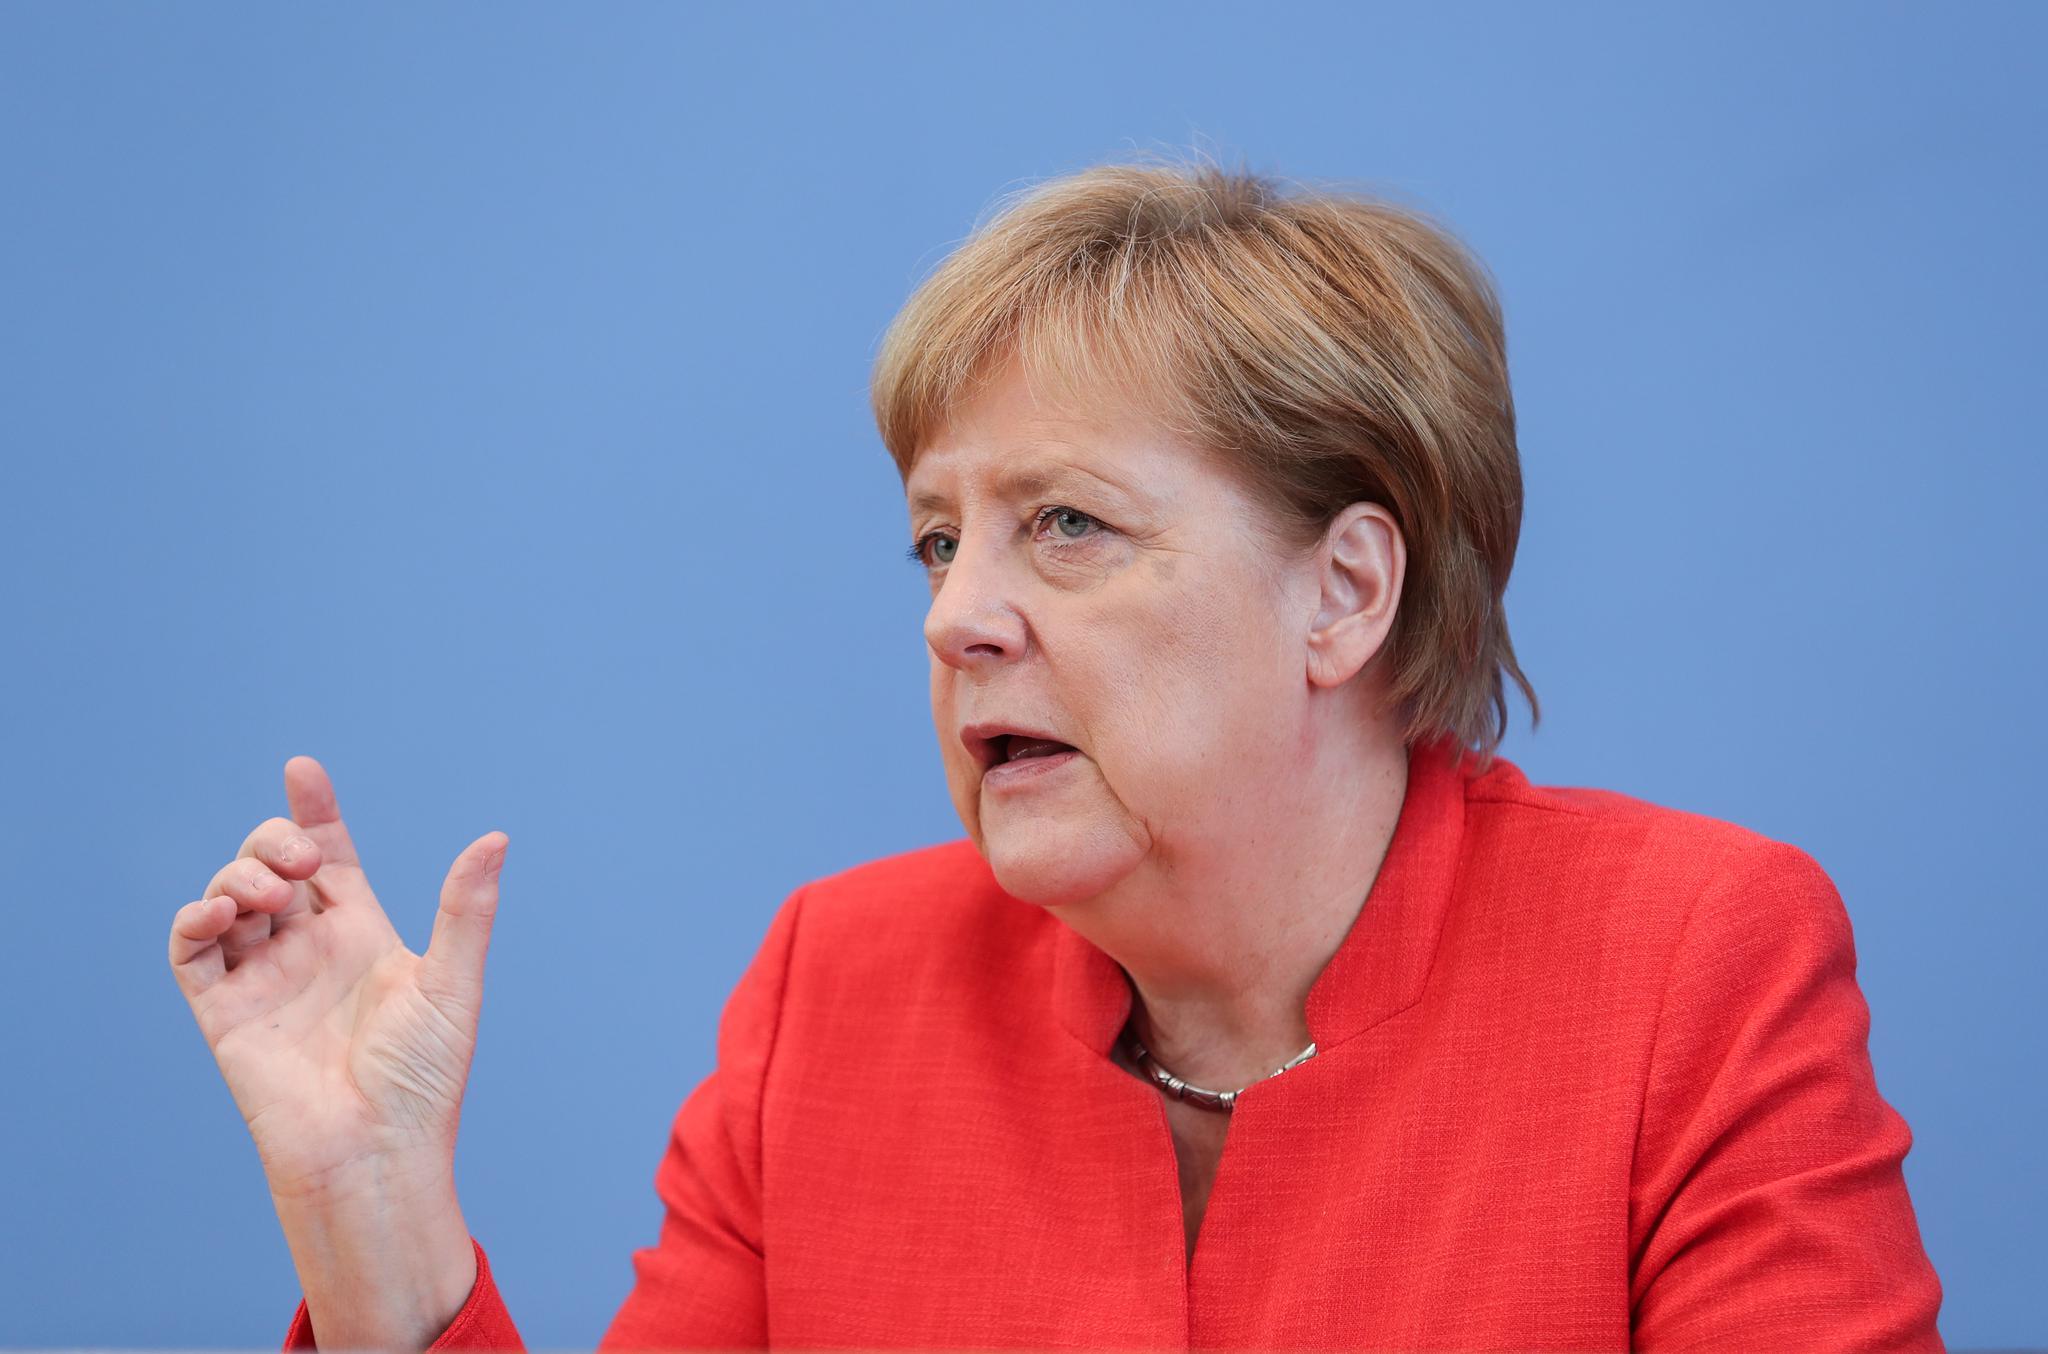 這回特朗普賴不上中國!歐盟走出高水平一步,美國攪局註定會失敗-圖3